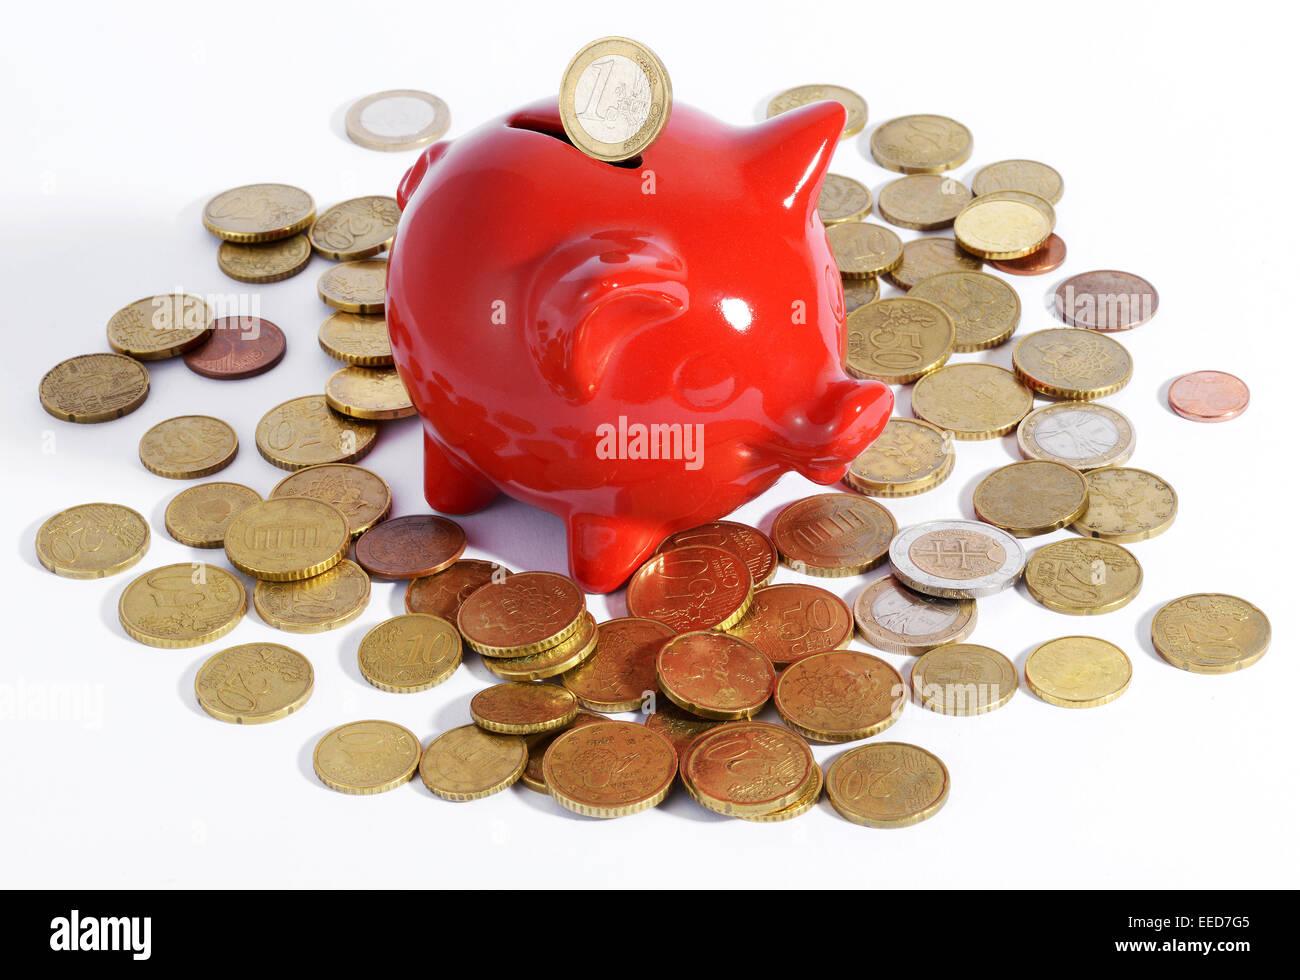 Roten Sparschwein umgeben von Münzen Stockbild